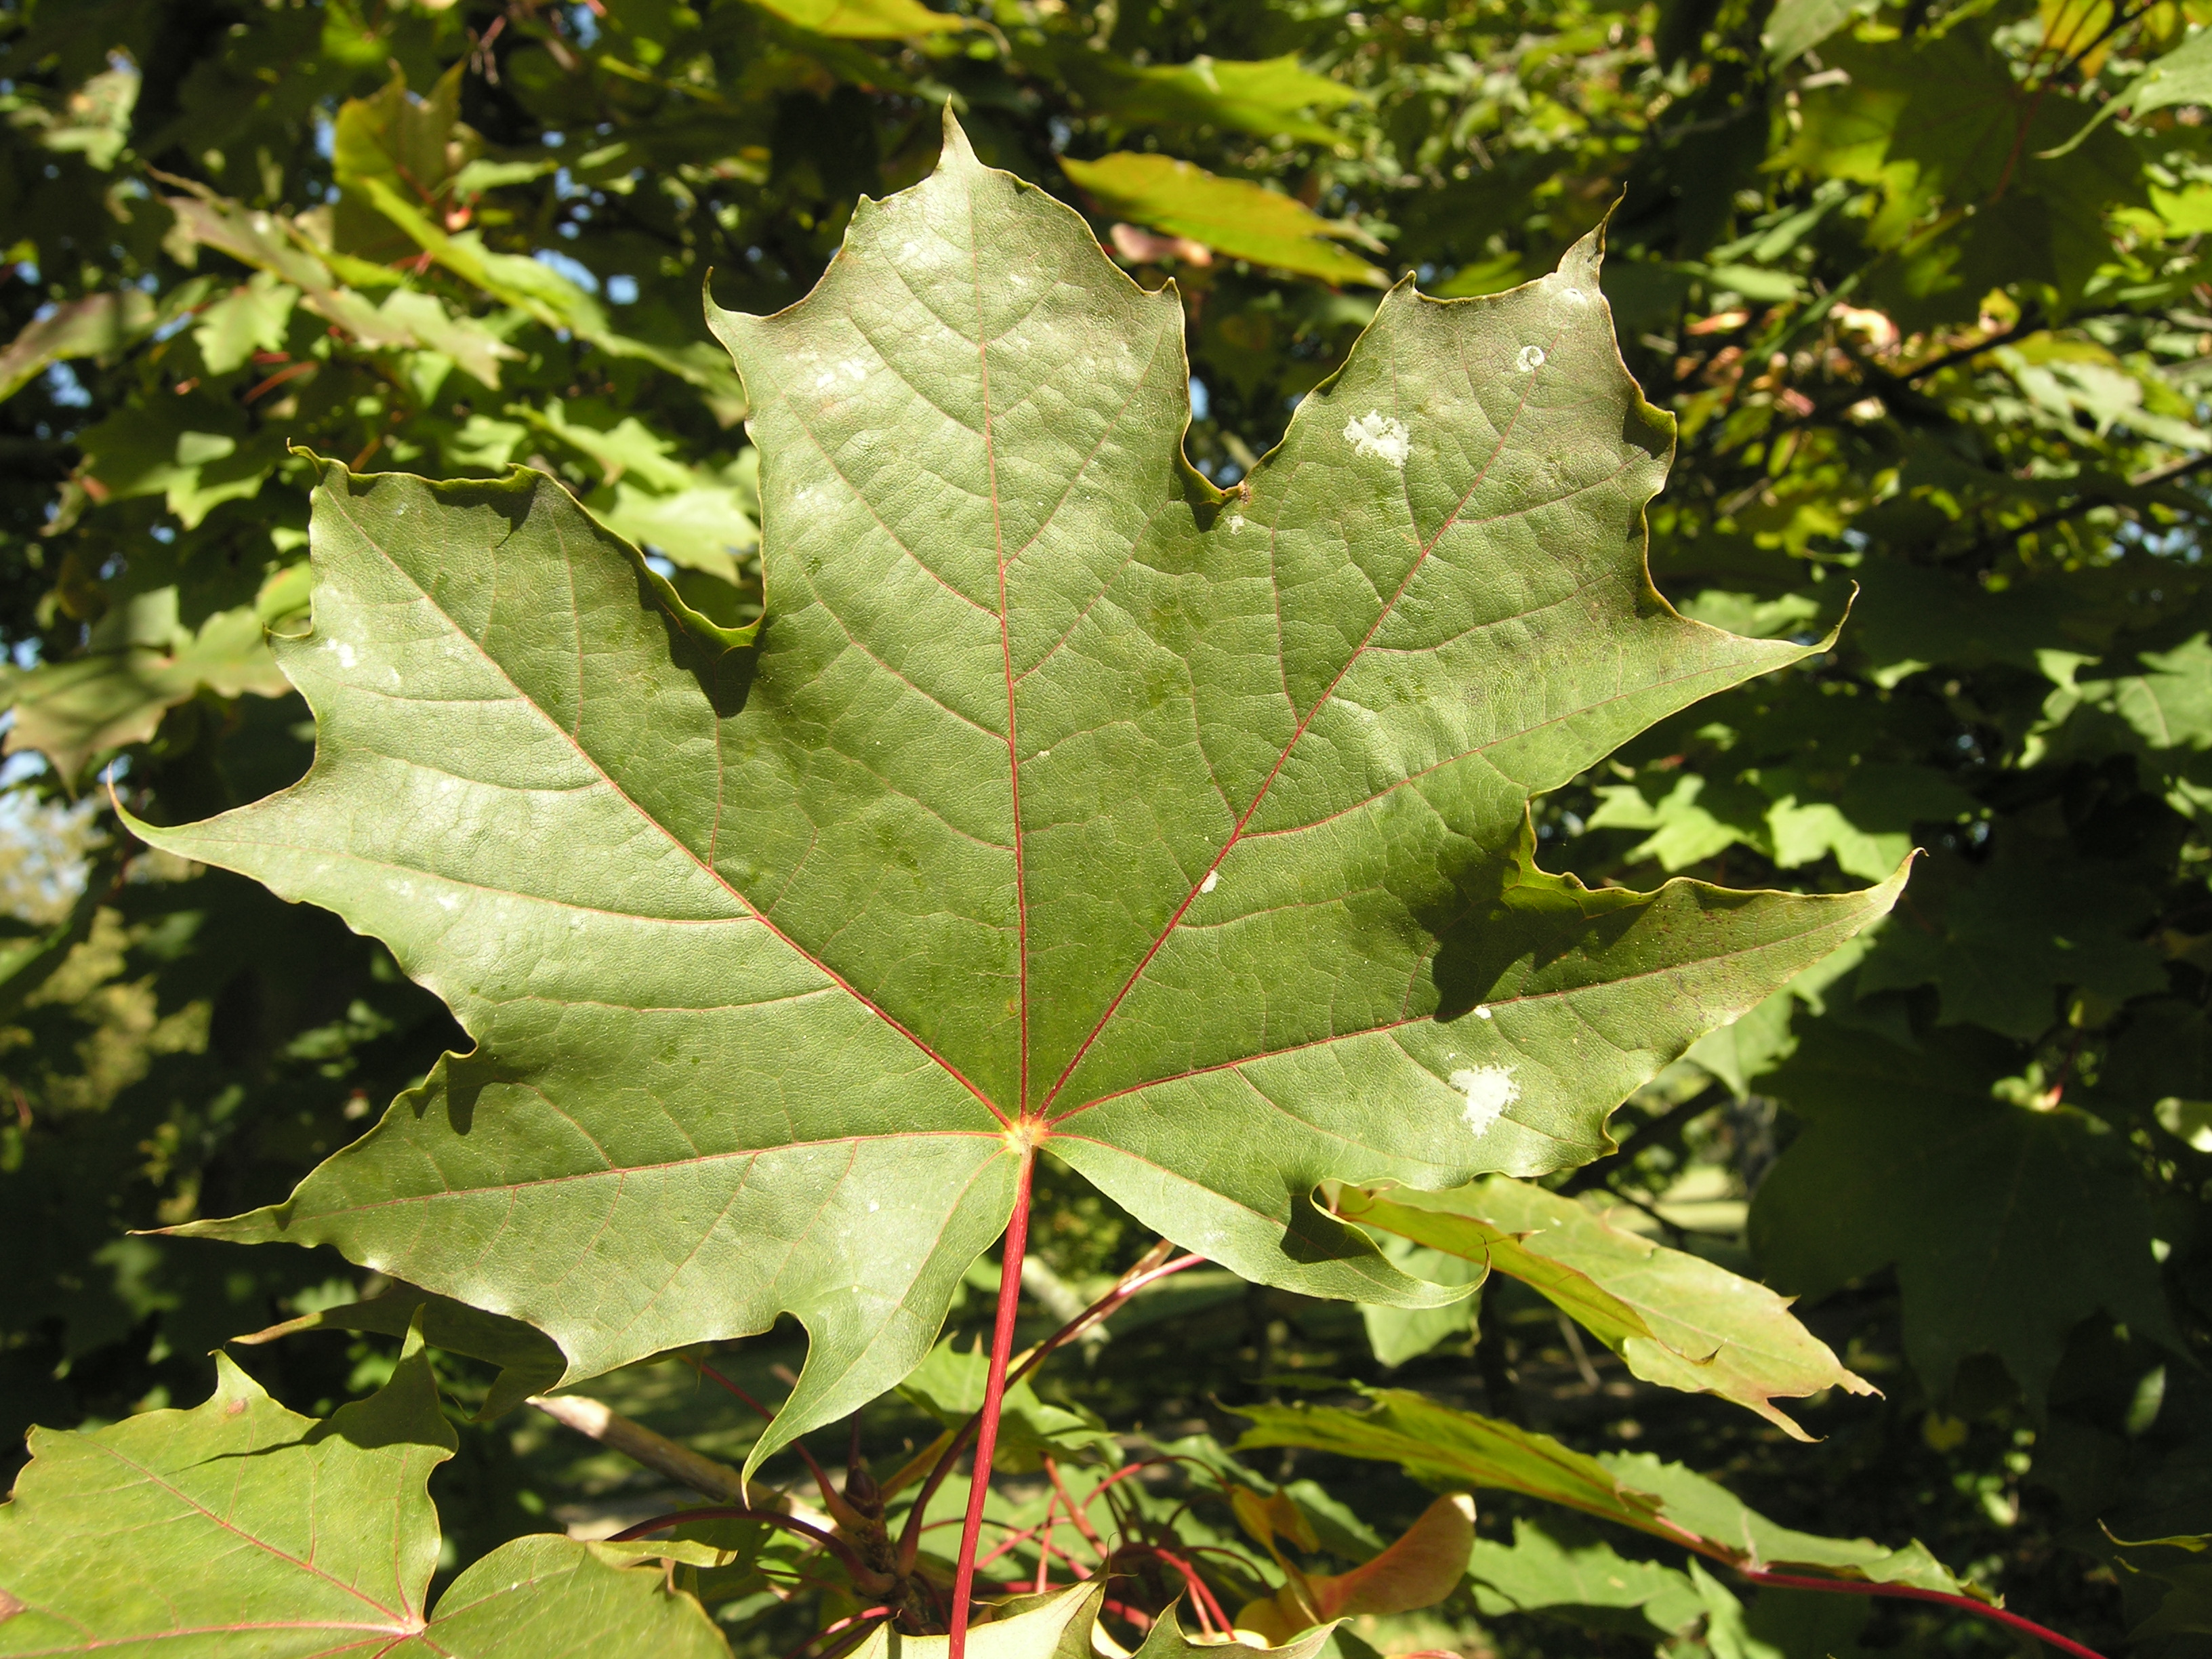 Acer platanoides l 39 schwedleri 39 - Arce platanoide ...